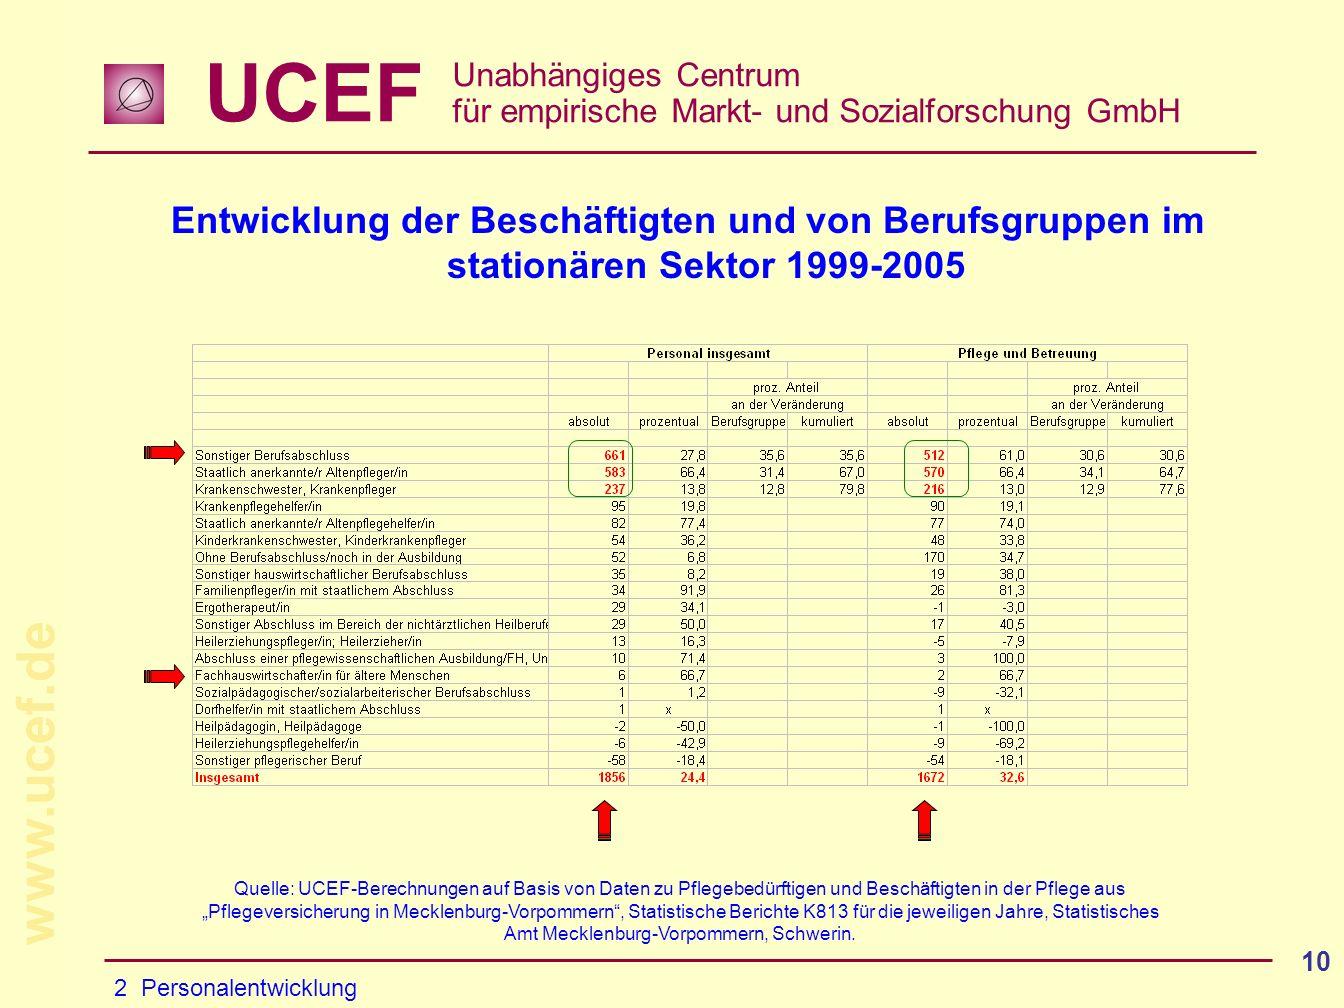 Entwicklung der Beschäftigten und von Berufsgruppen im stationären Sektor 1999-2005